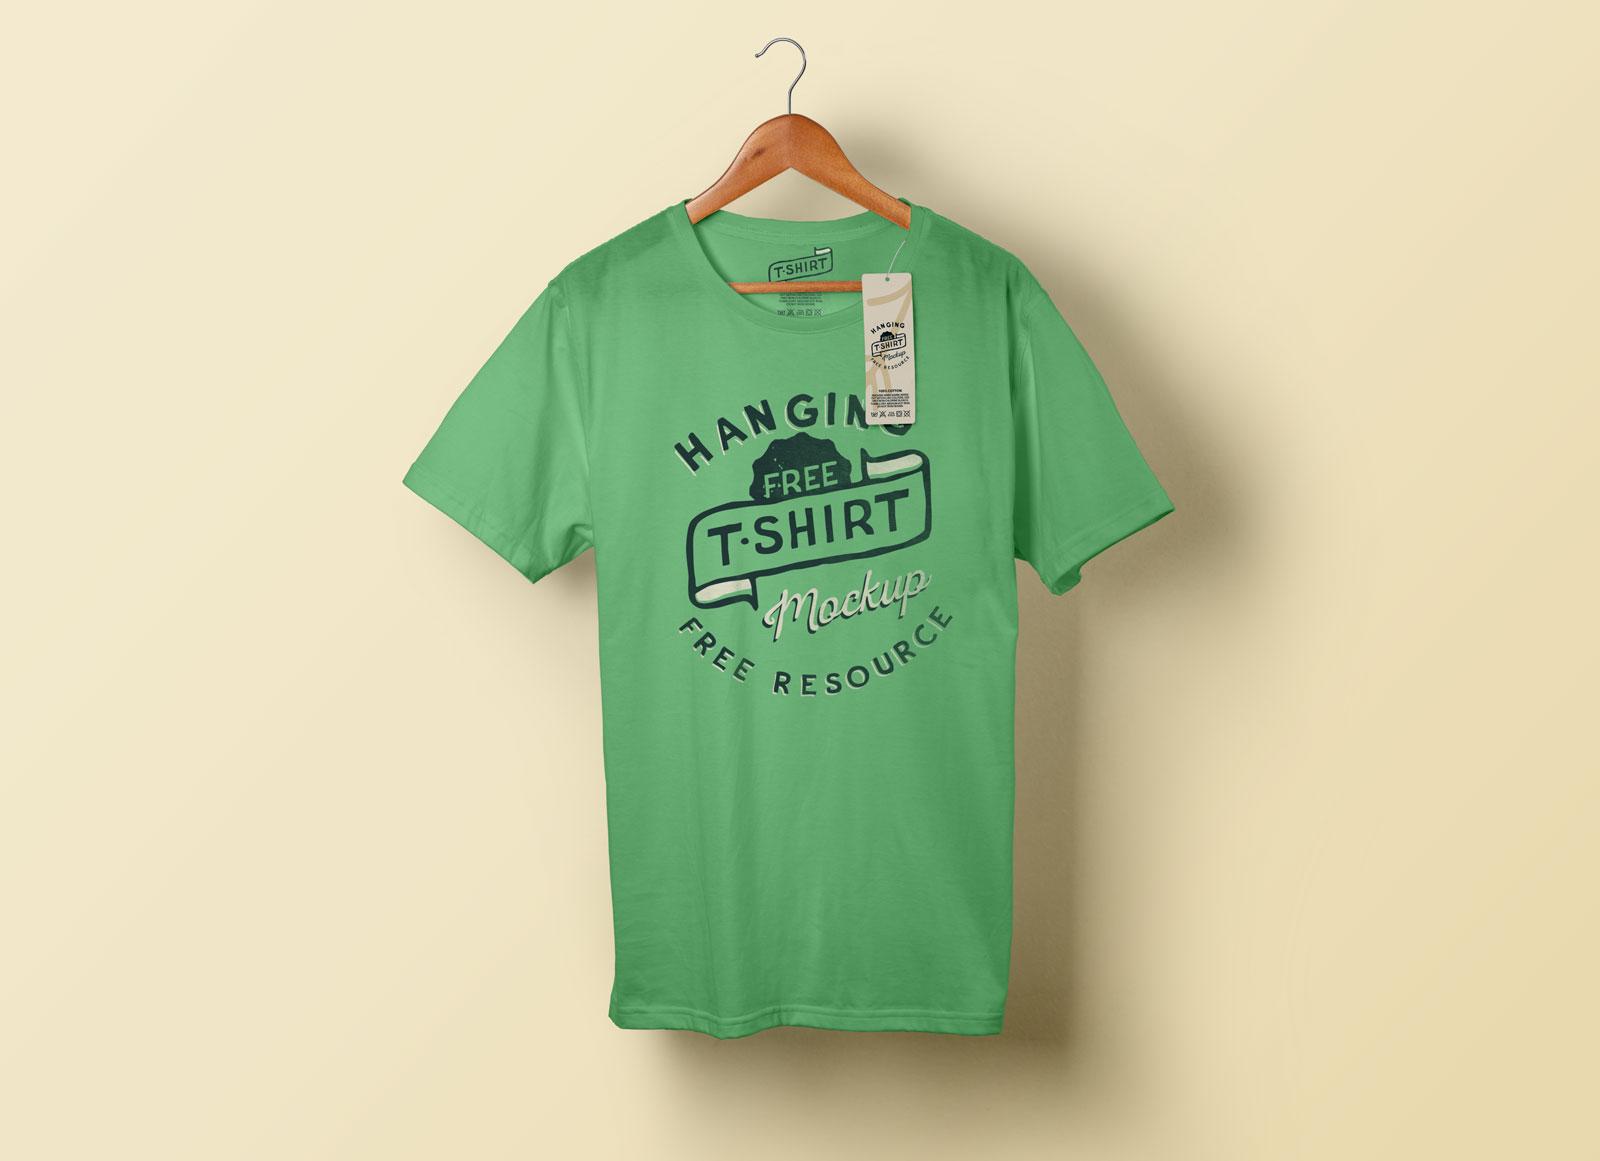 Free-Hanging-T-Shirt-&-Clothing-Tag-Mockup-PSD